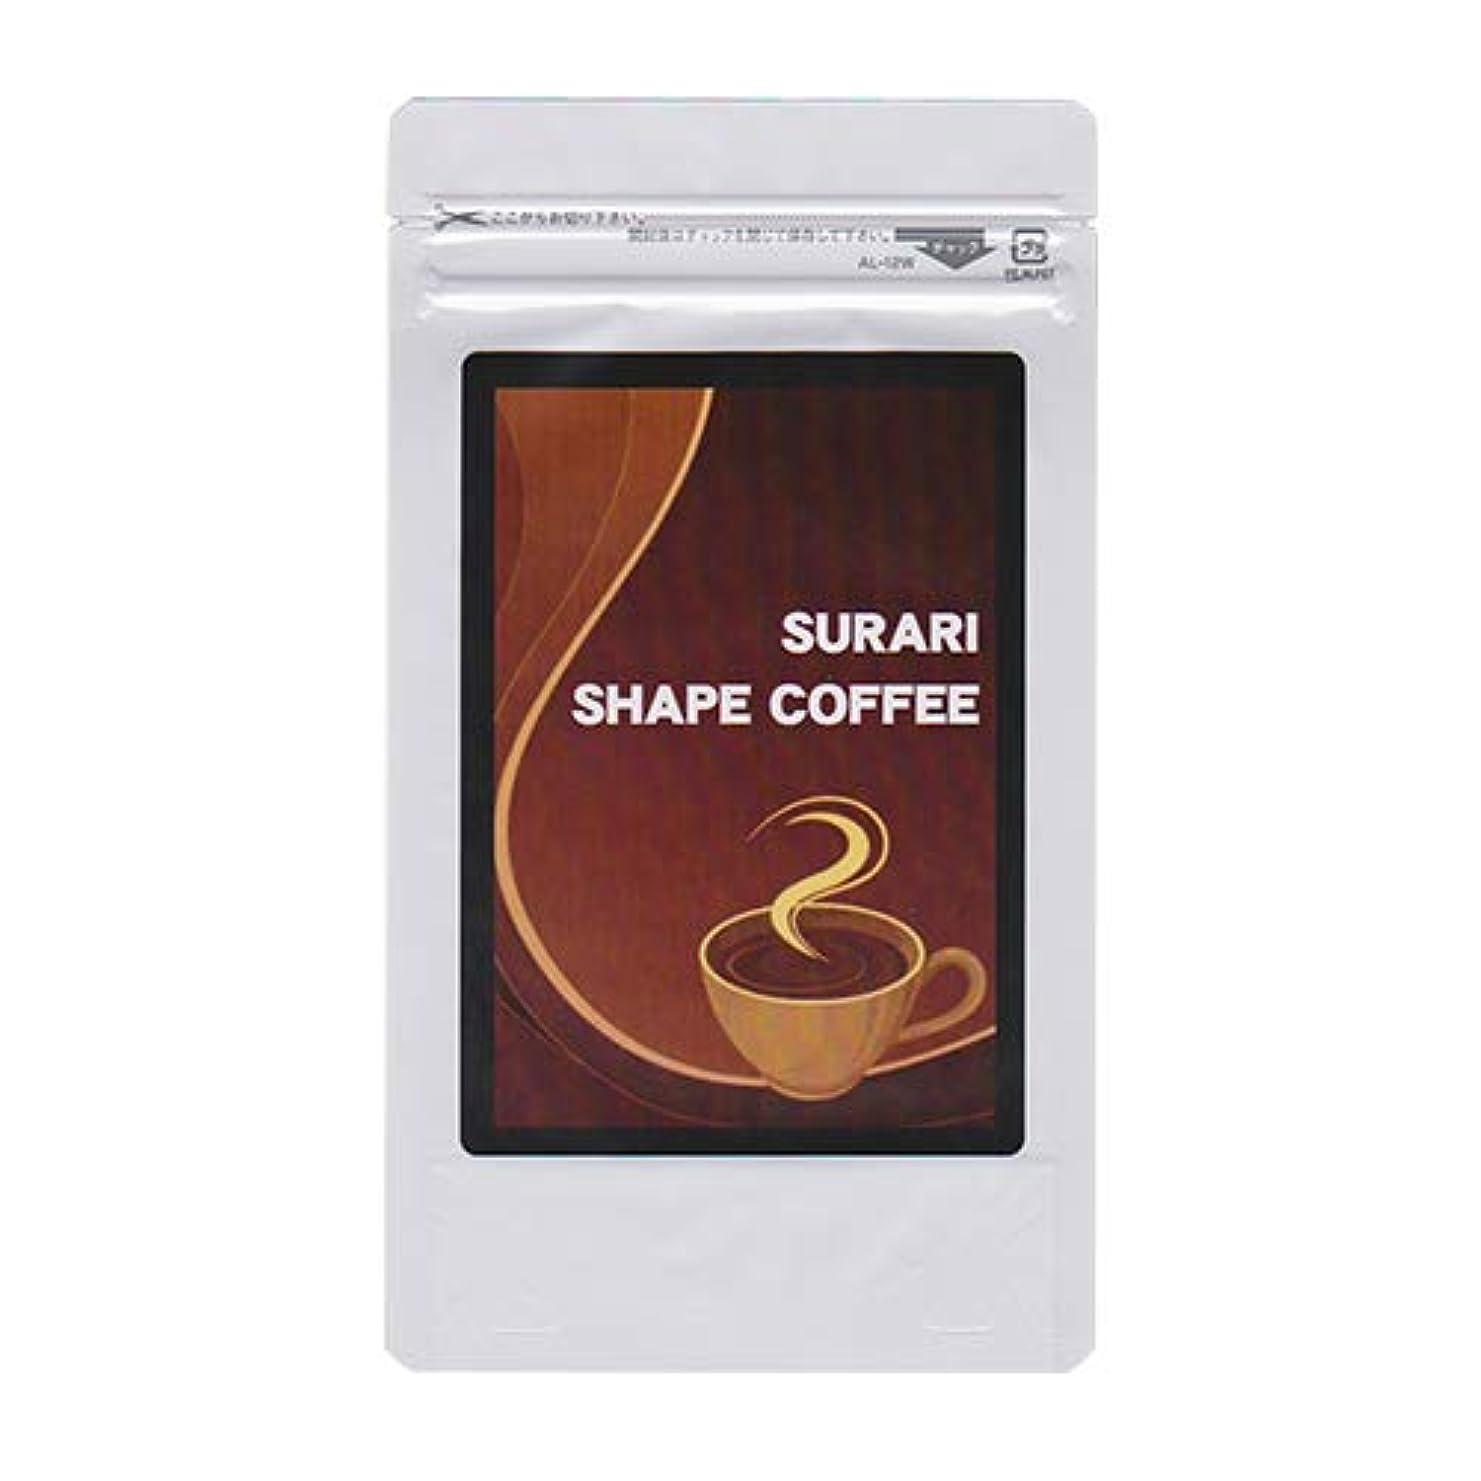 オペラパワーセル請求書SURARI SHAPE COFFEE スラリシェイプコーヒー ダイエットコーヒー